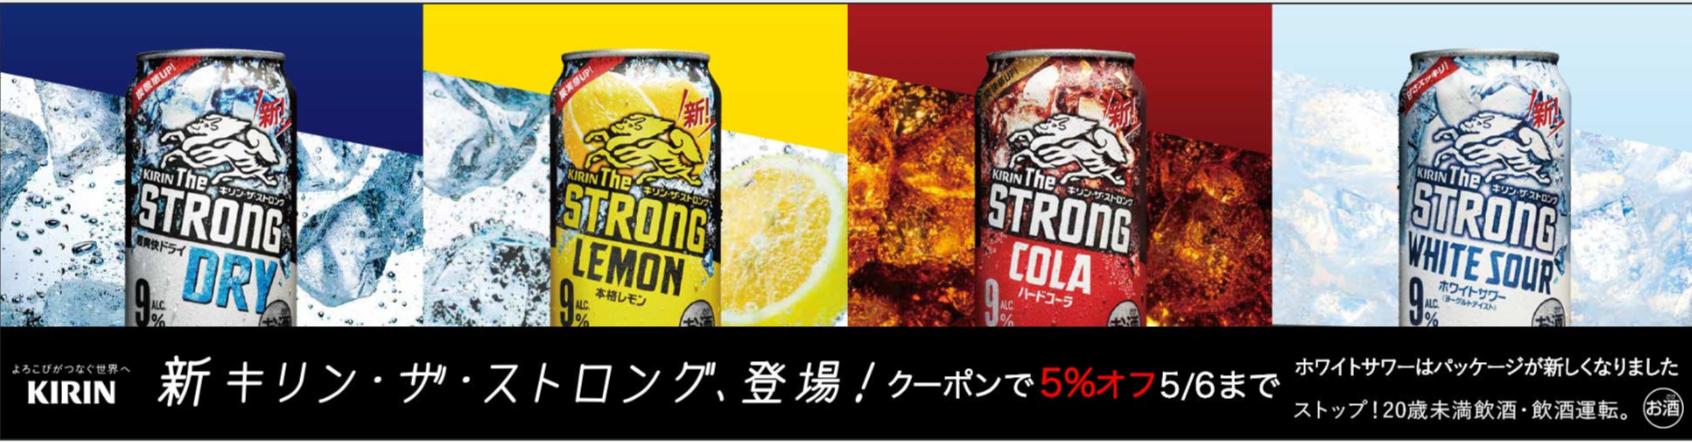 amazon strong